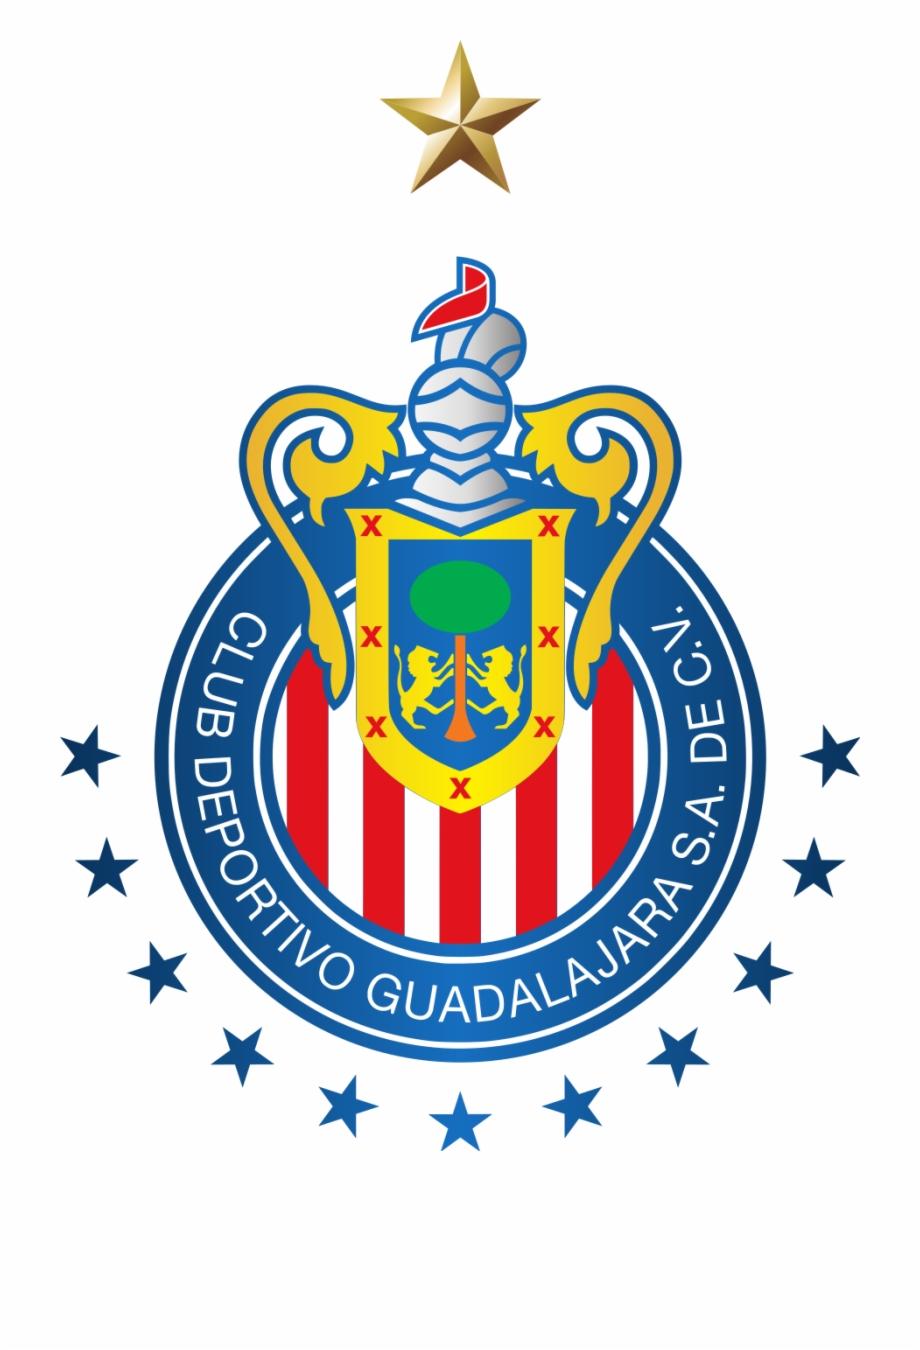 Guadalajara Cd Chivas Png Logo.